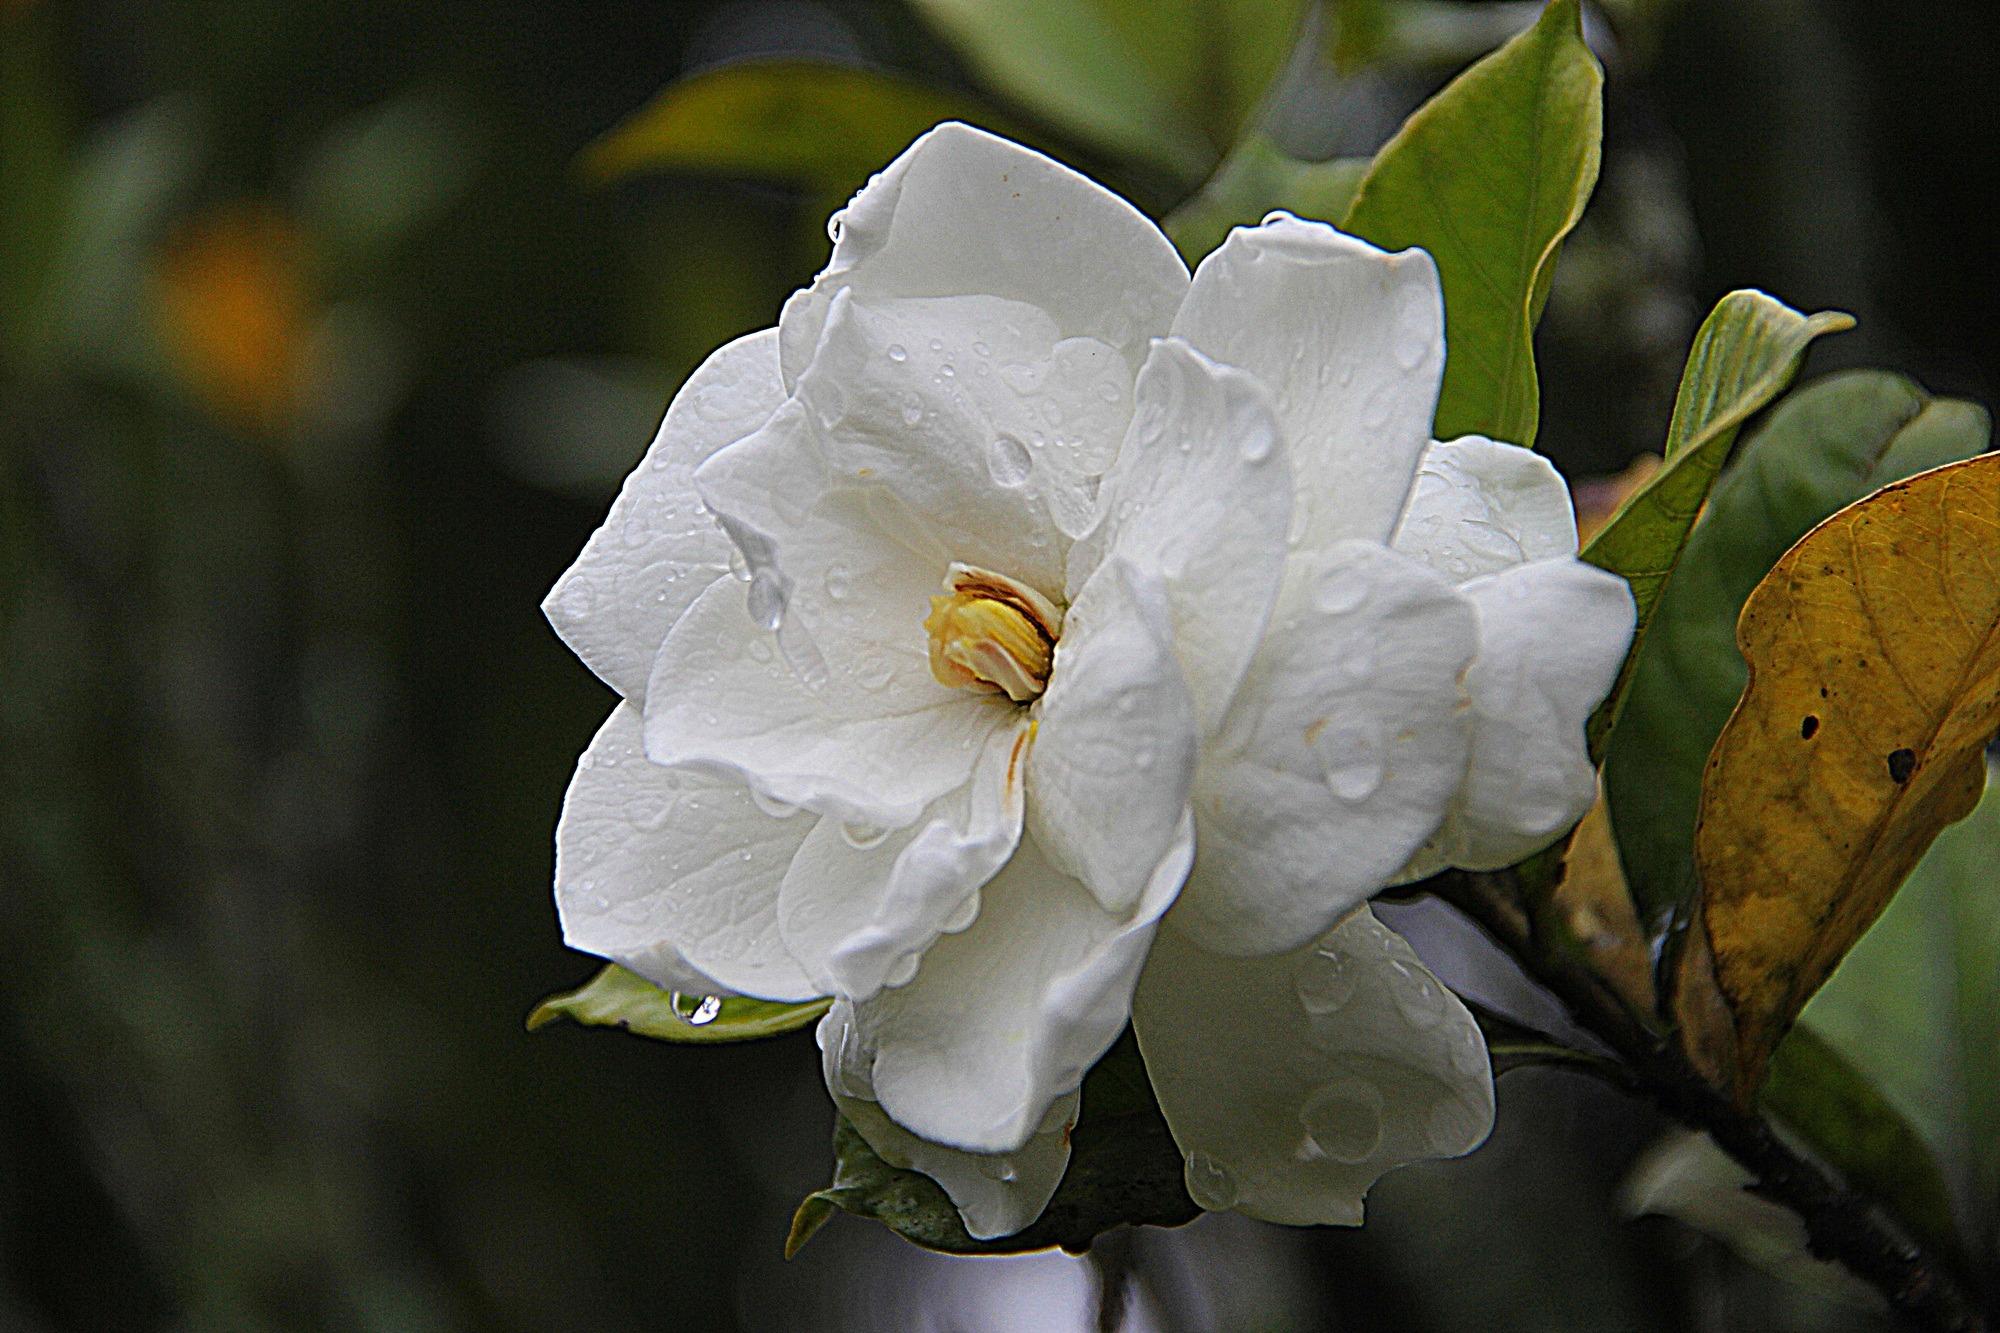 Free Images Blossom White Leaf Flower Petal Bloom Floral